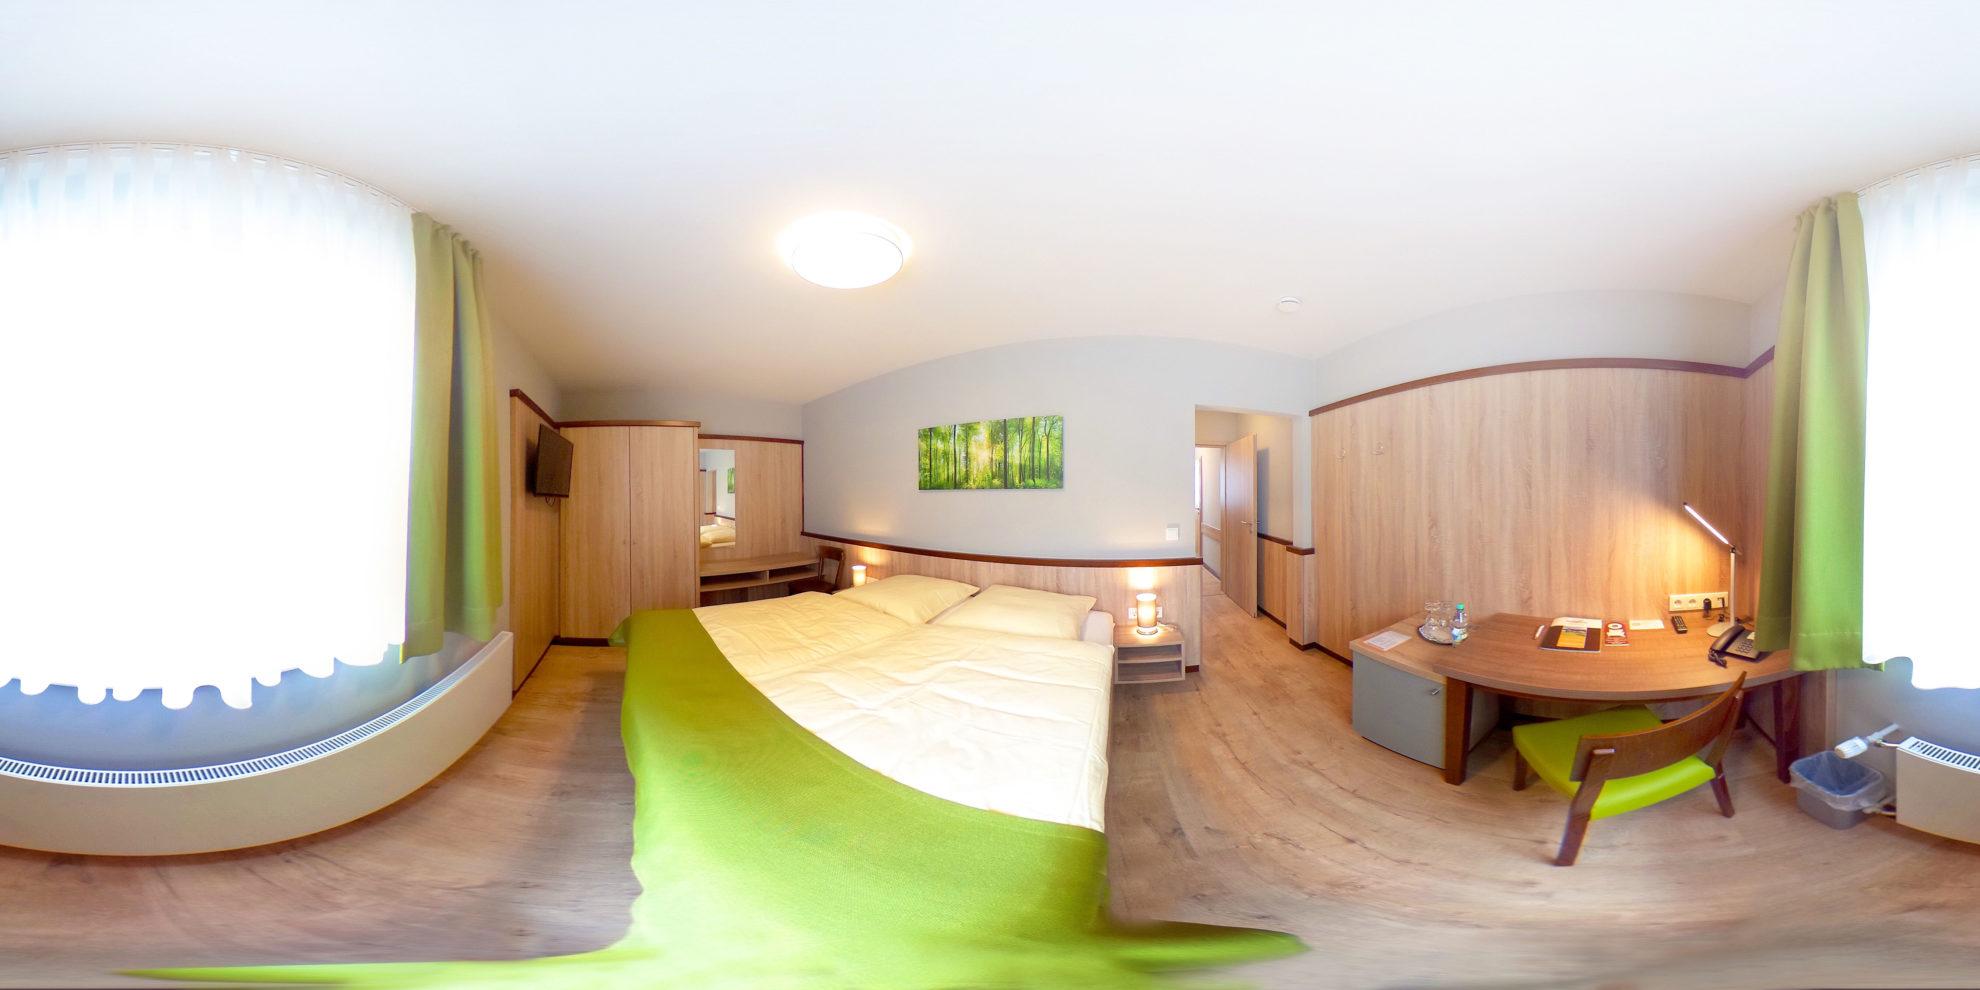 hotel-luedenbach-familien-zimmer-hotel-overath-koeln-bonn